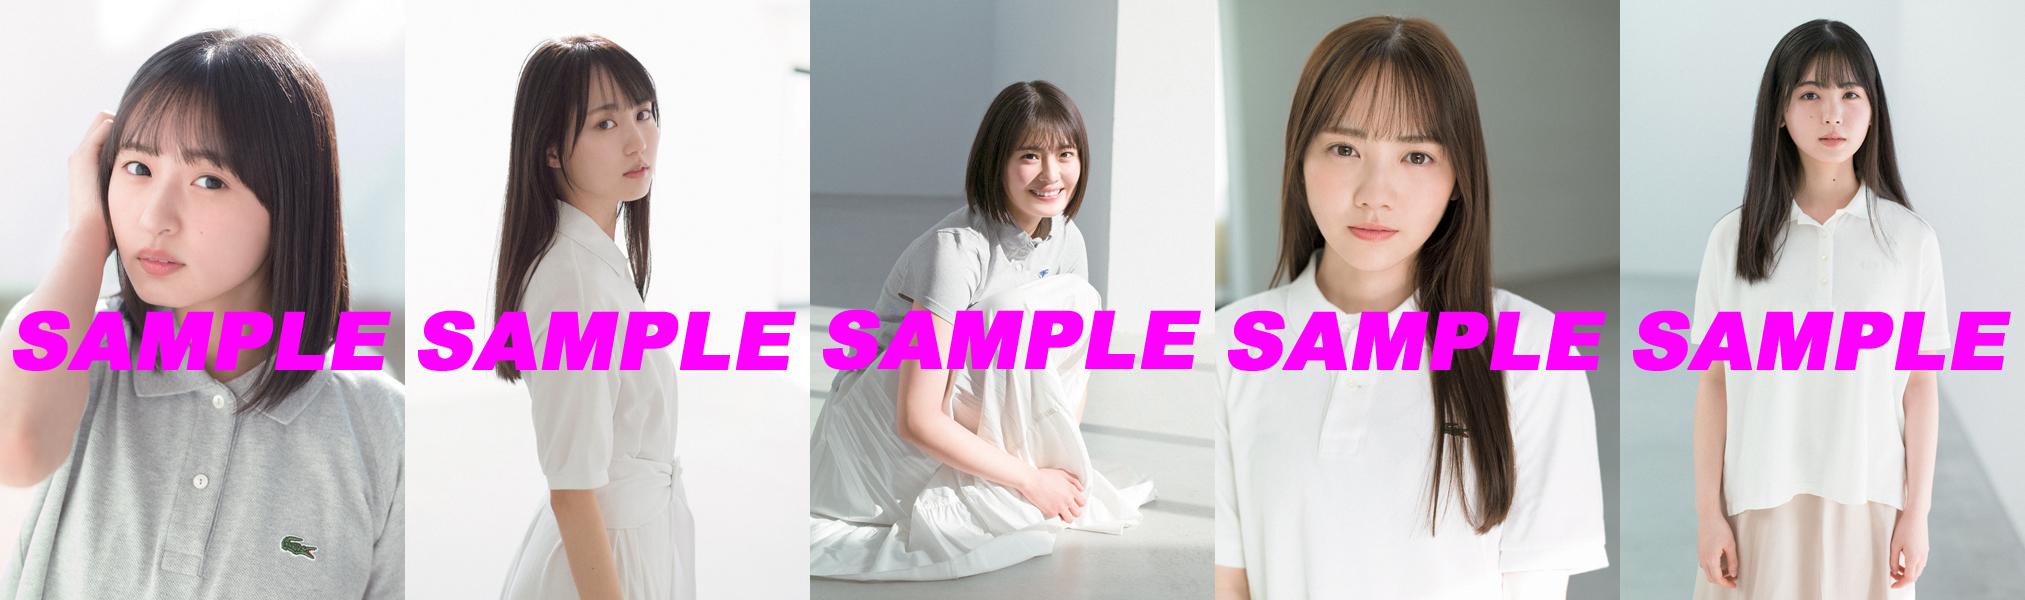 B.L.T.3月号 表紙 乃木坂4期生 セブンネット限定特典ポストカード